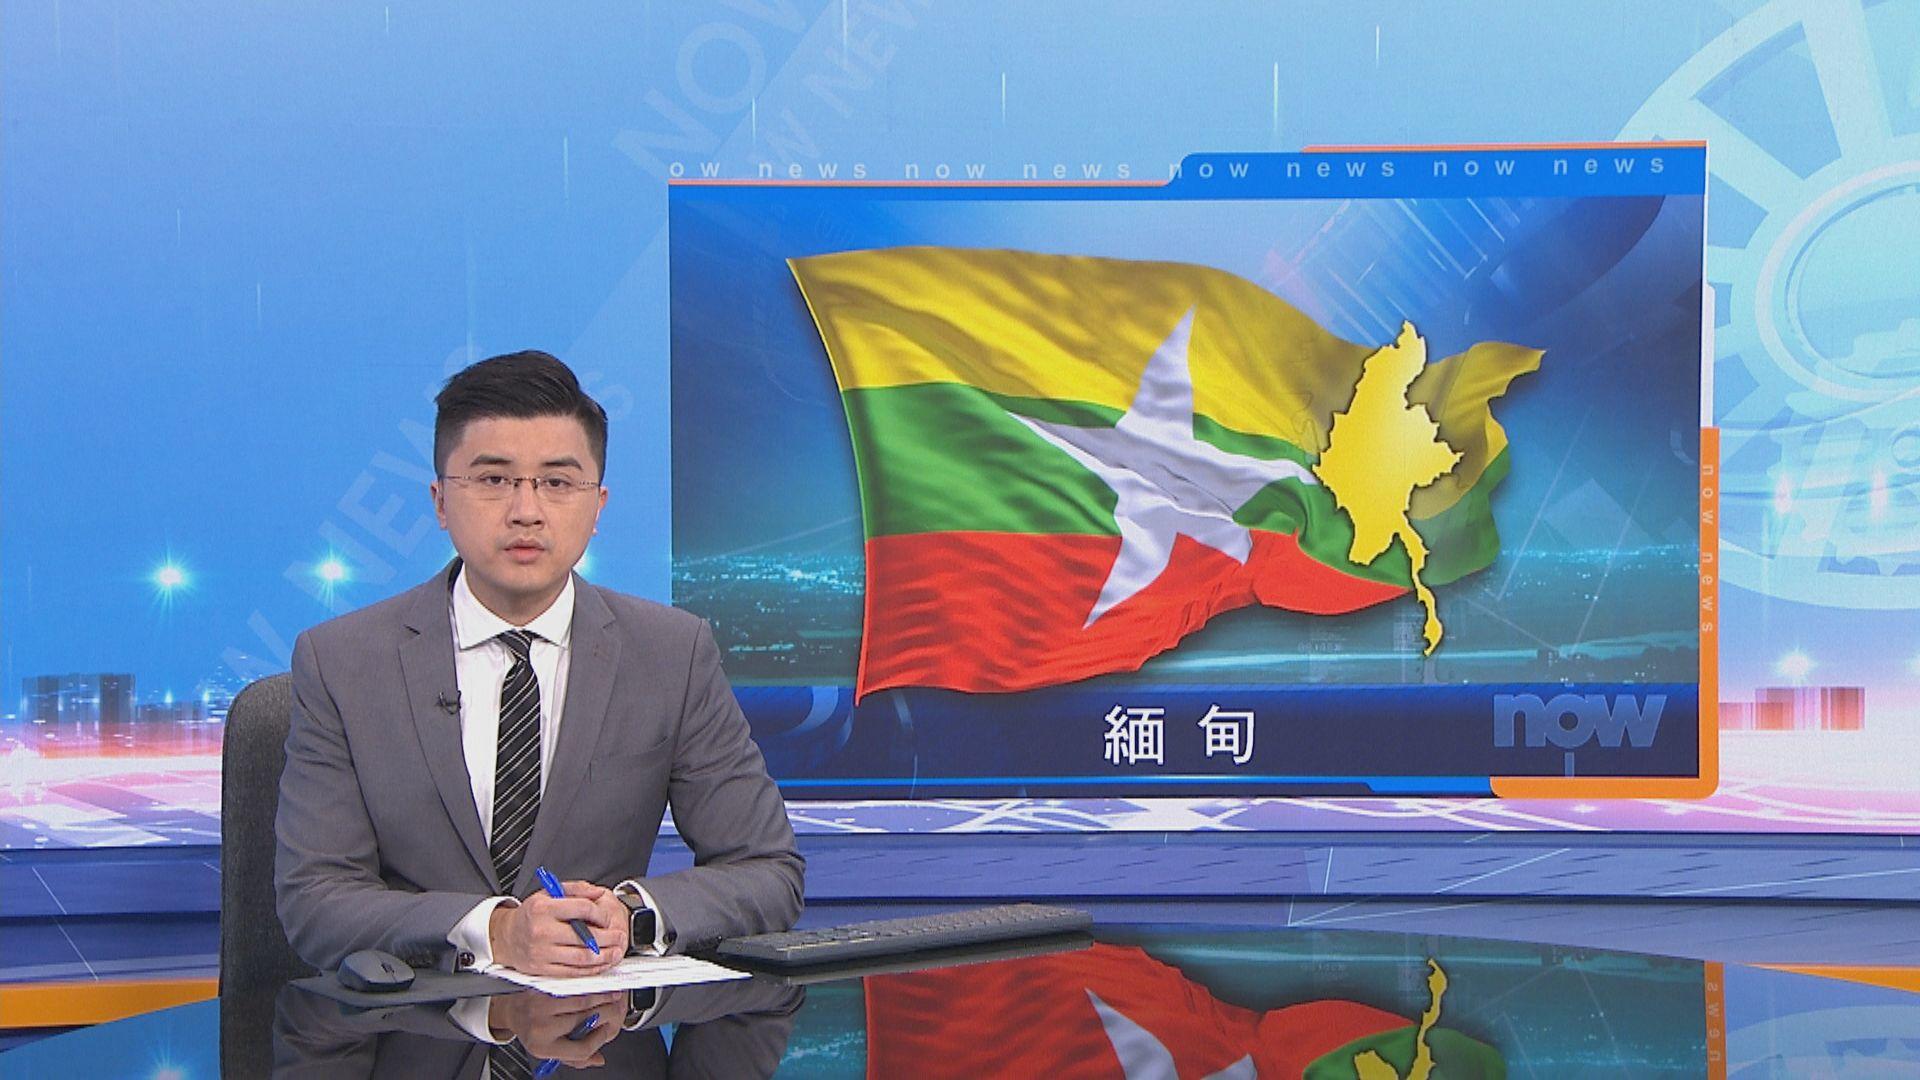 昂山素姬及總統遭軍方拘留 緬甸執政黨:似乎是政變